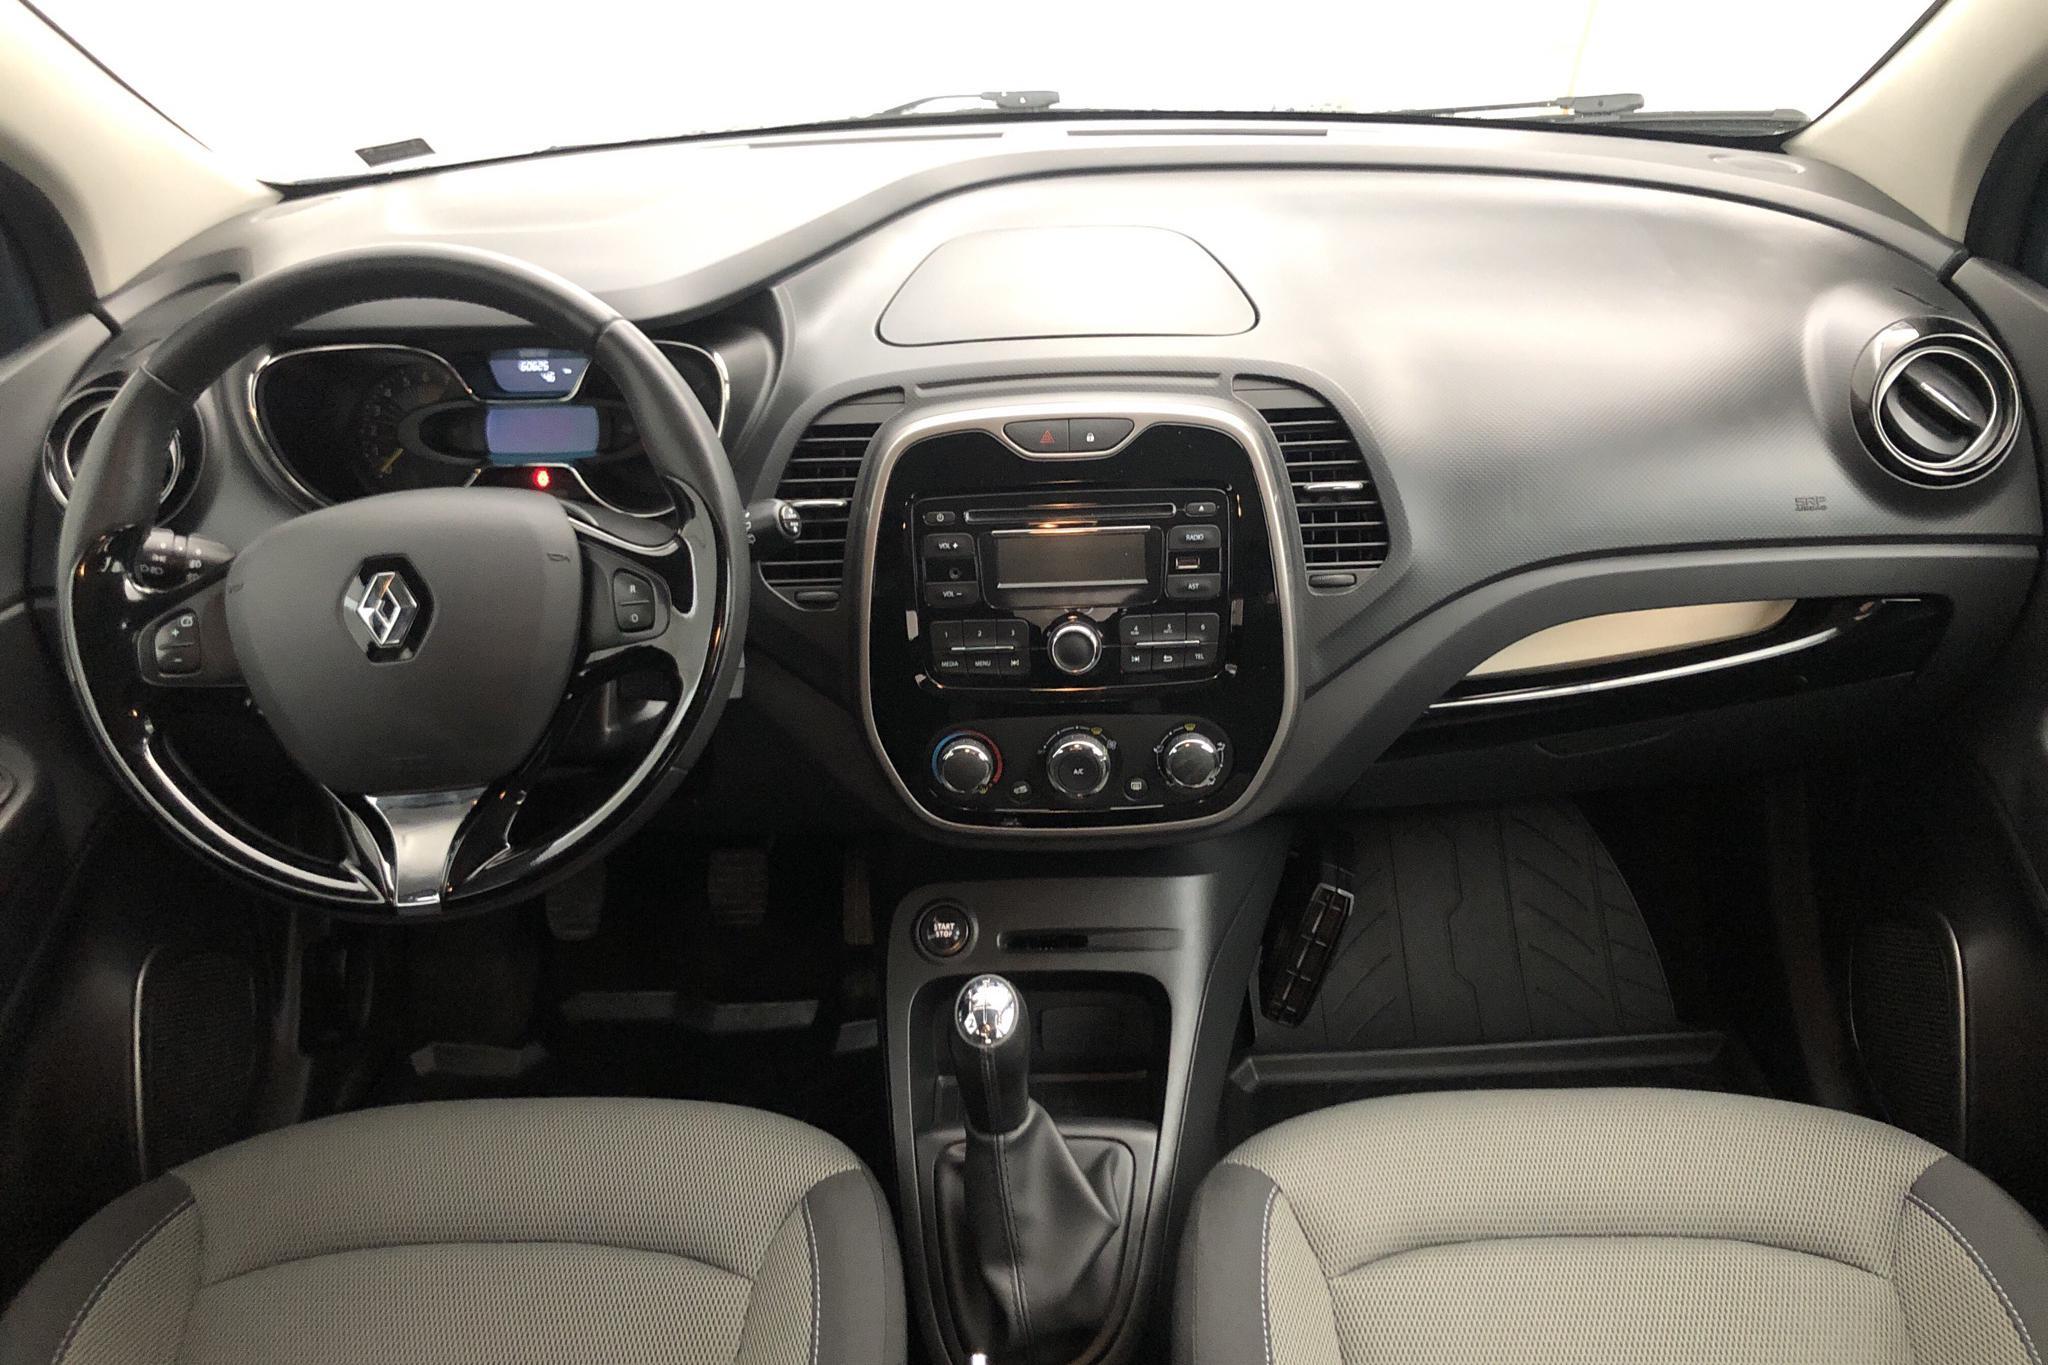 Renault Captur 0.9 TCe (90hk) - 60 620 km - Manual - blue - 2015